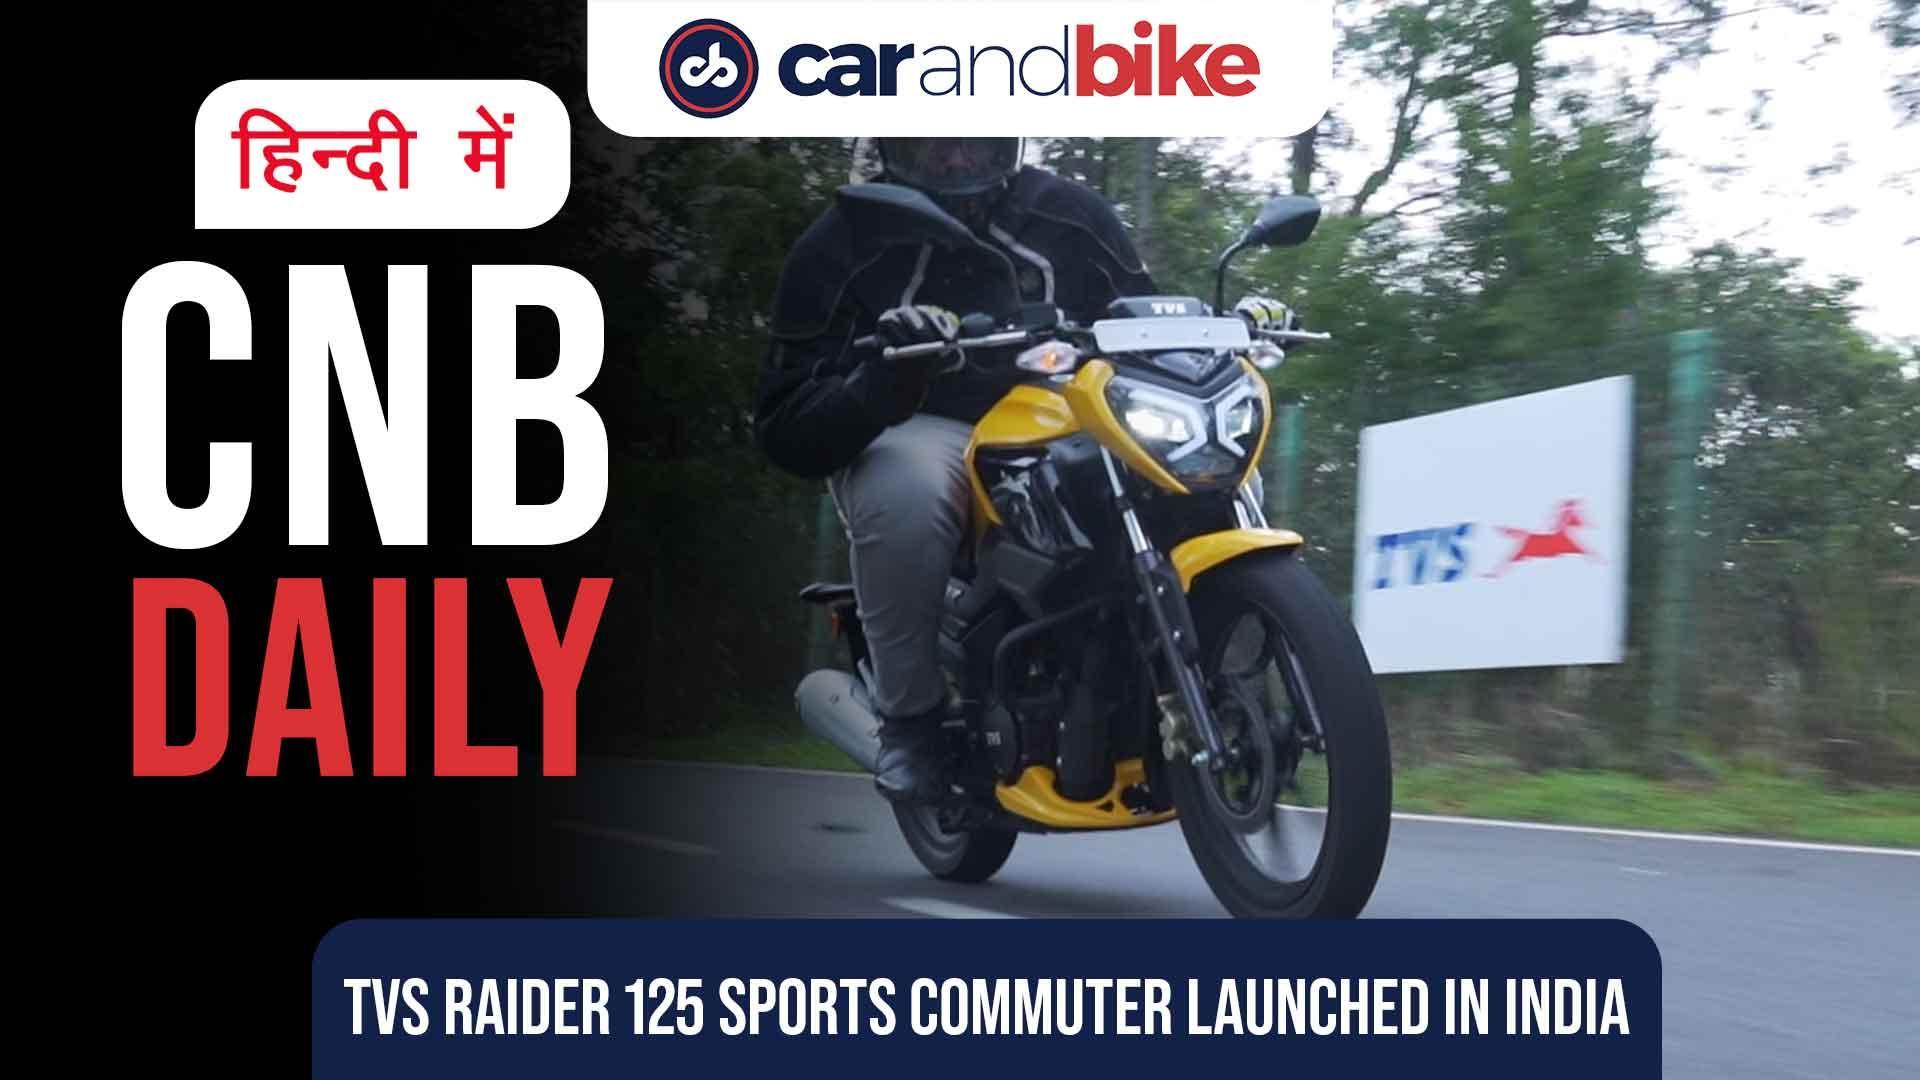 TVS रेडर 125 स्पोर्ट्स मोटरसाइकिल भारत में लॉन्च